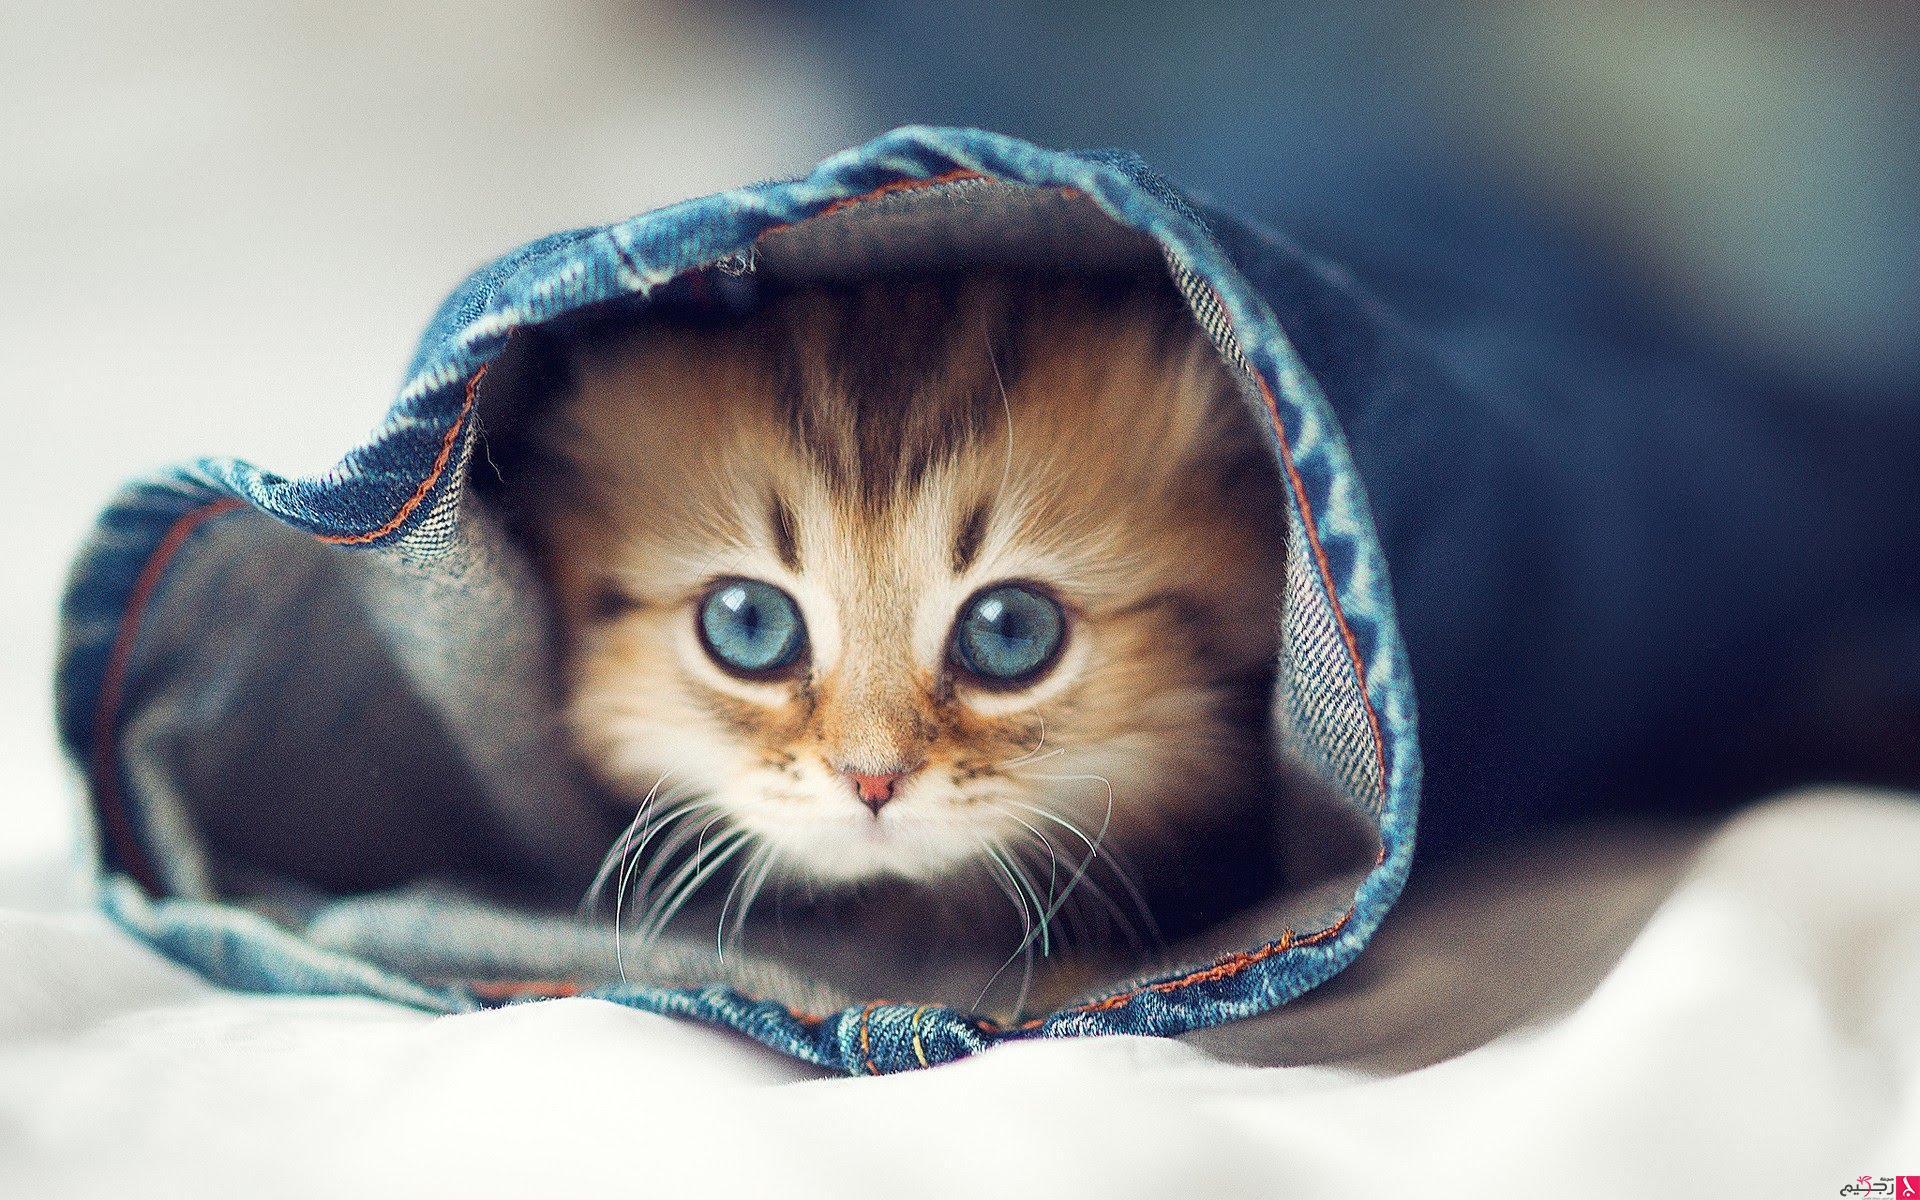 بالصور اجمل الصور للقطط في العالم , خلفيات صور قطط 4041 8